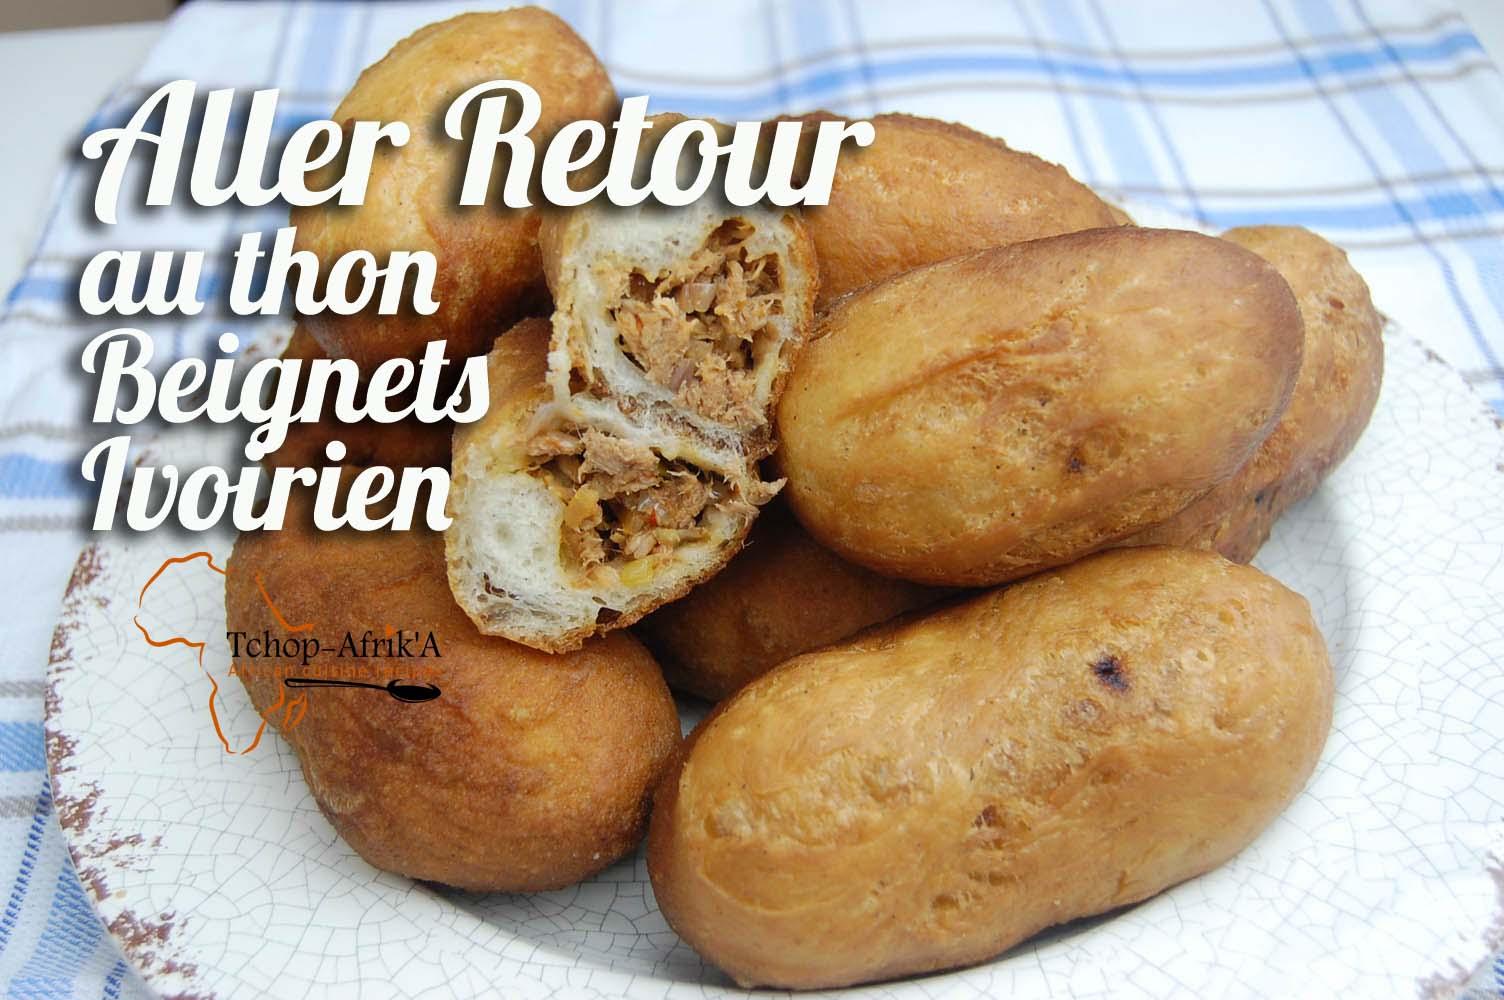 Recette aller retour au thon beignet ivoirien tchop afrik 39 a cuisine - Recette de cuisine cote d ivoire ...